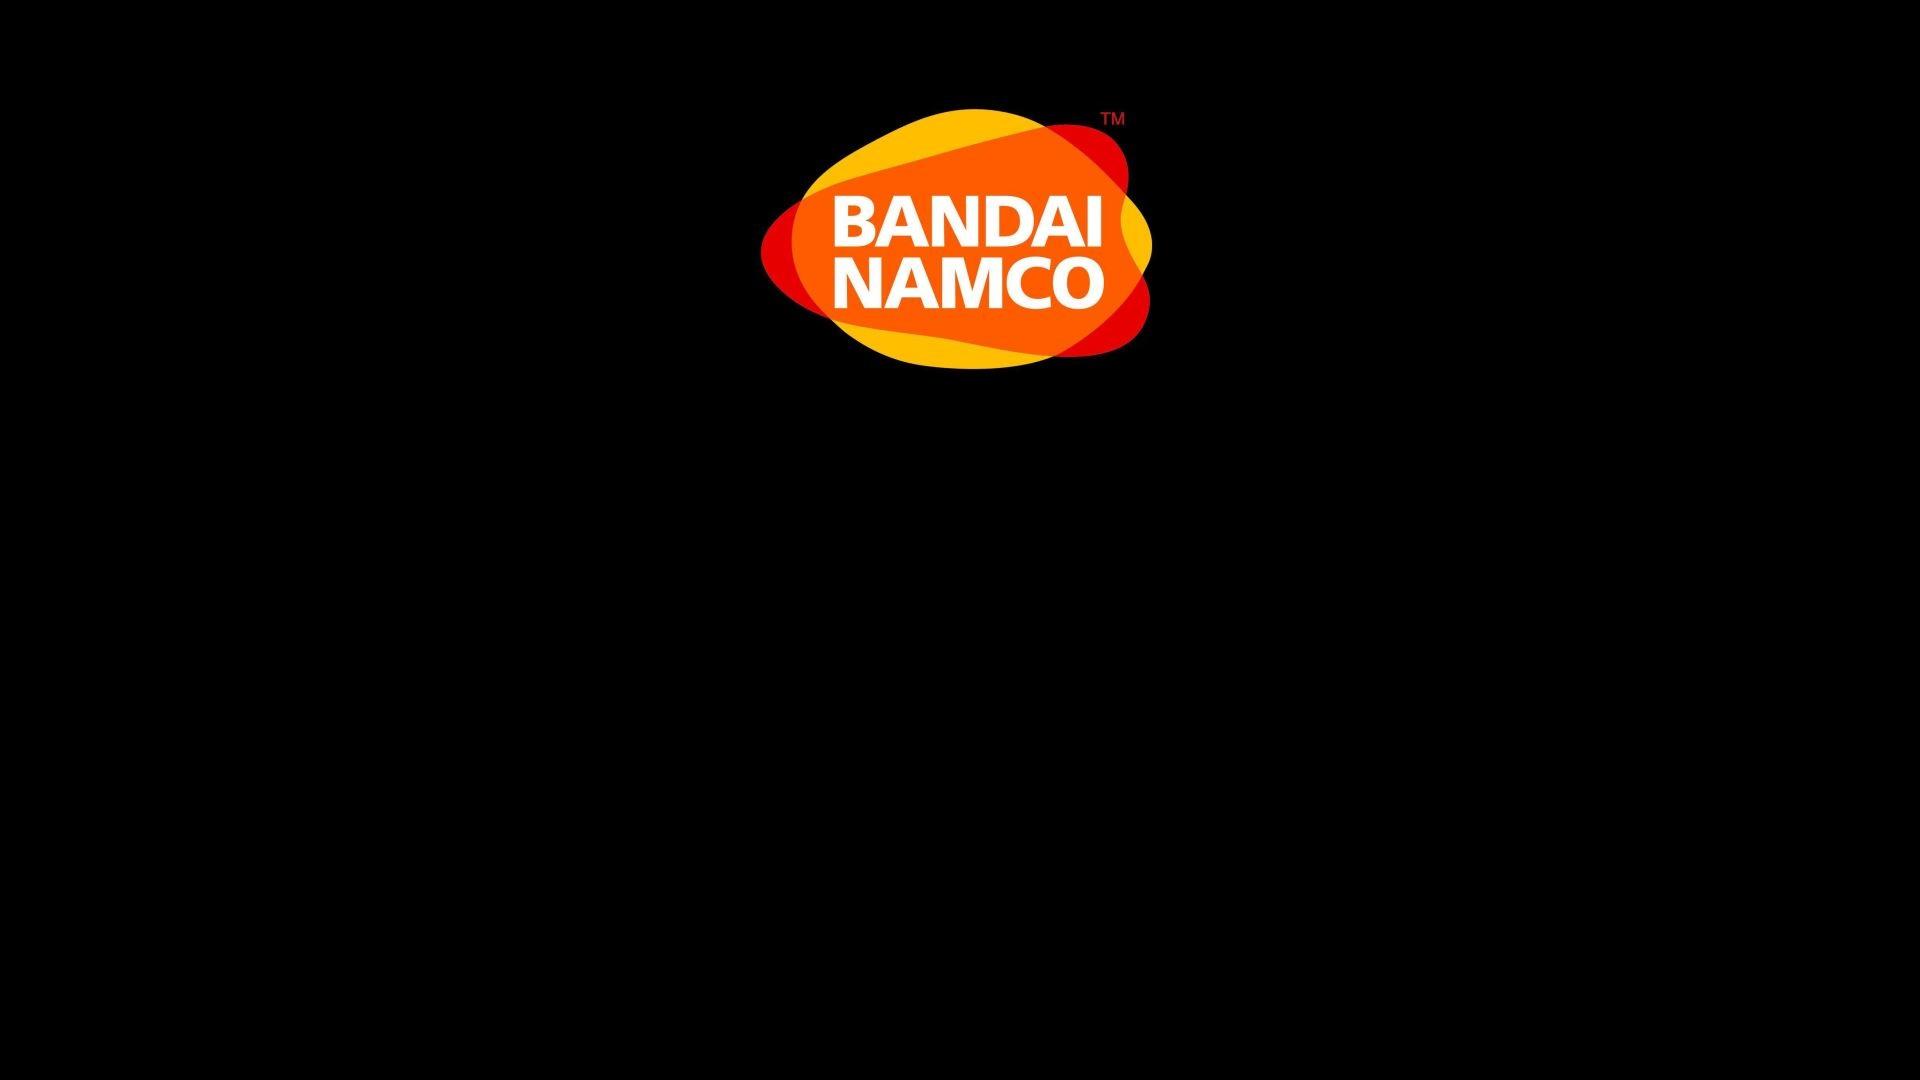 gamescom 2018: Bandai Namco veröffentlicht Spiele-Line-Up, Fastpass, EP!C Lounge